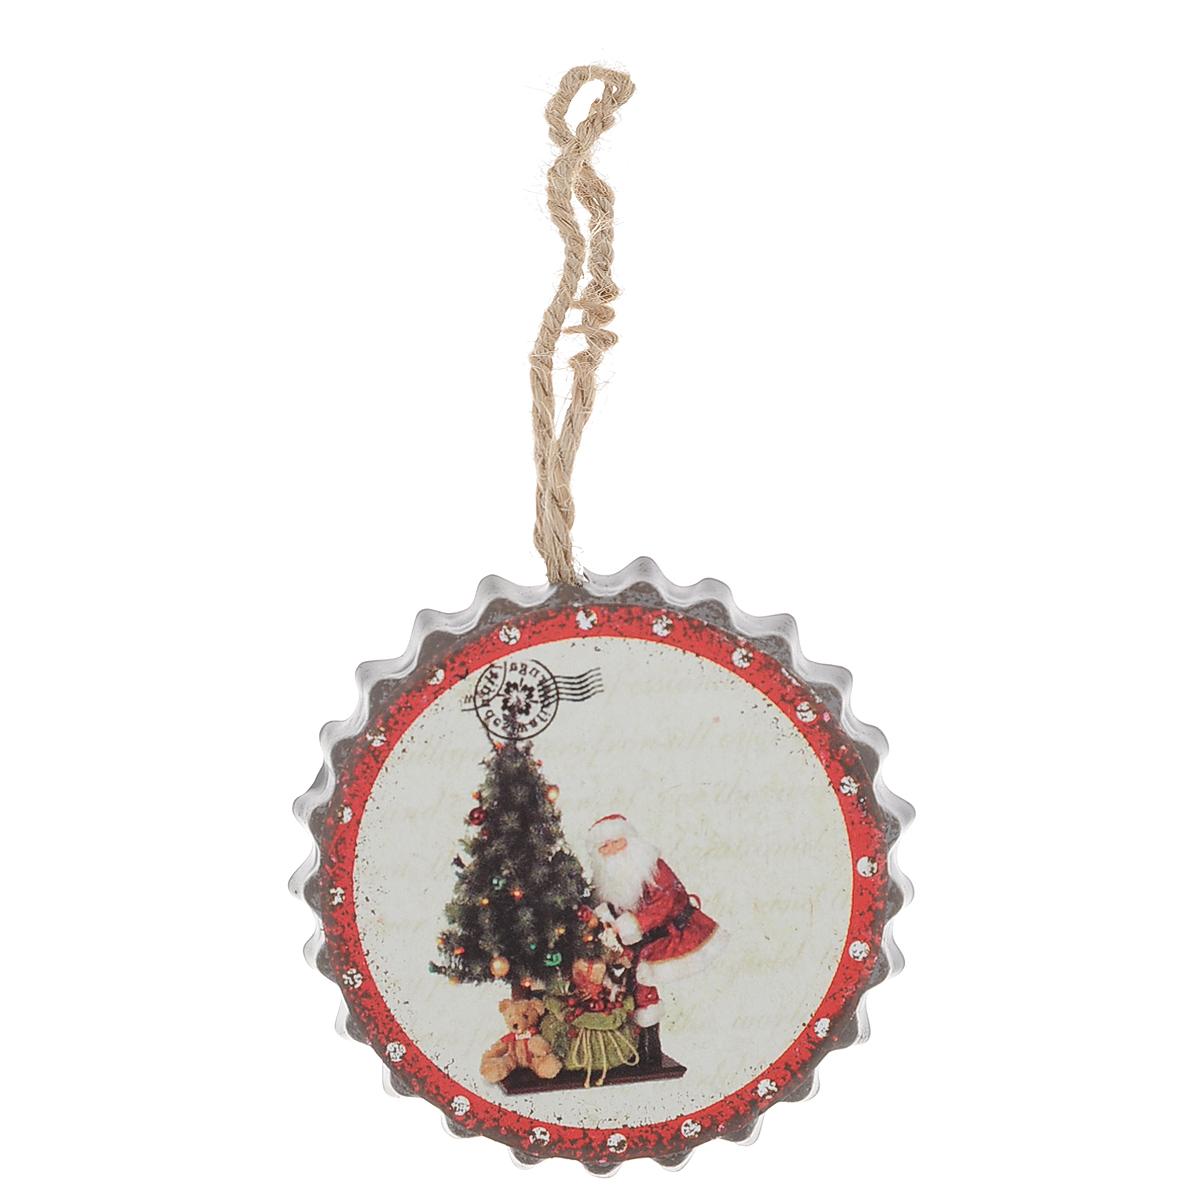 Новогоднее подвесное украшение Дед Мороз у елки, диаметр 5,5 смC0038550Оригинальное новогоднее украшение из пластика прекрасно подойдет для праздничного декора дома и новогодней ели. Изделие крепится на елку с помощью металлического зажима.